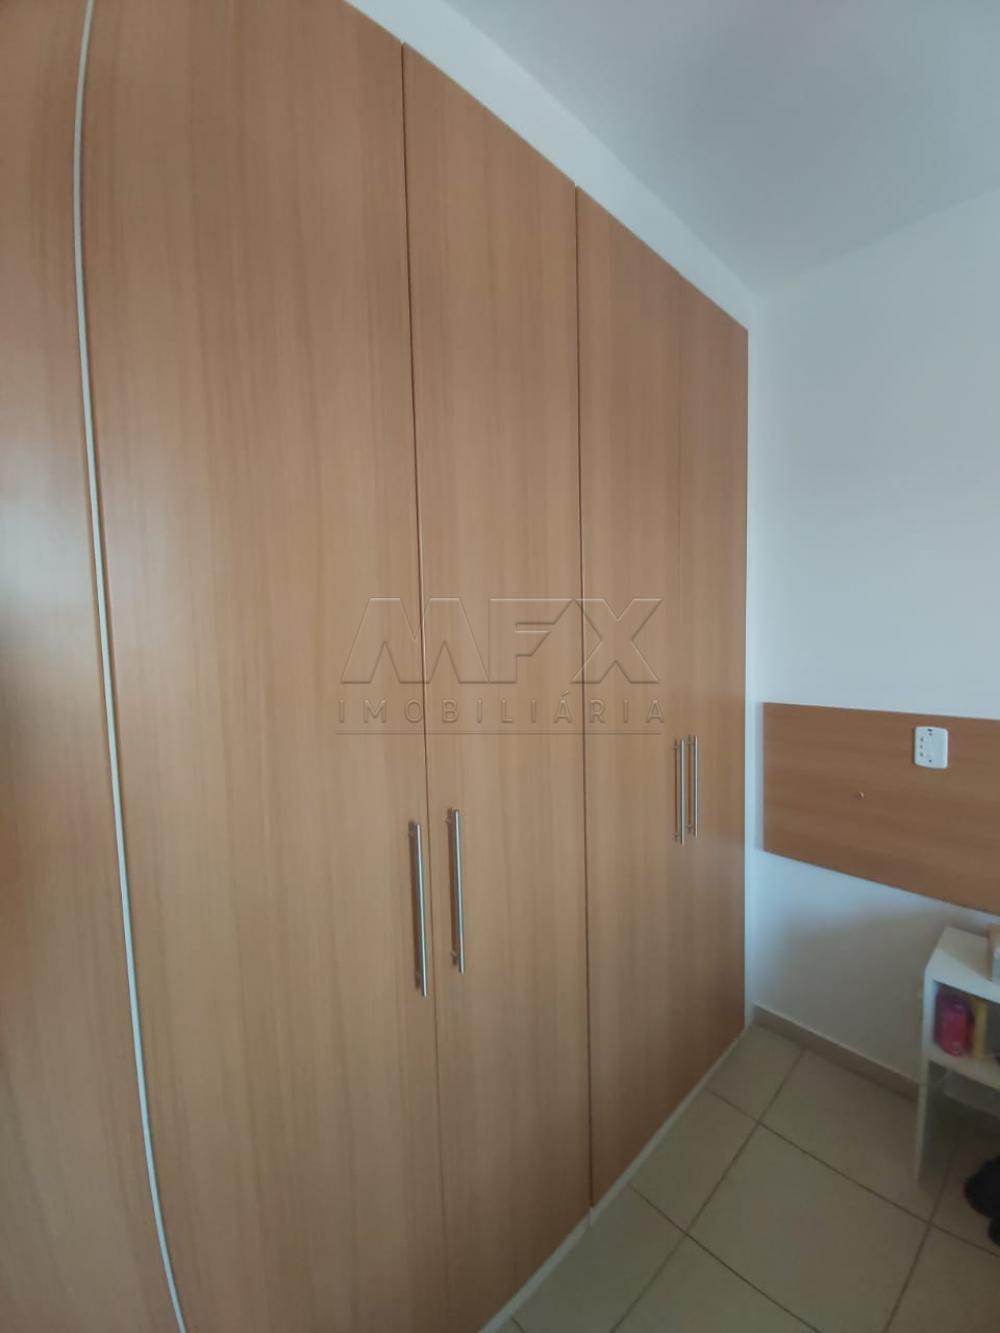 Comprar Apartamento / Padrão em Bauru apenas R$ 240.000,00 - Foto 12